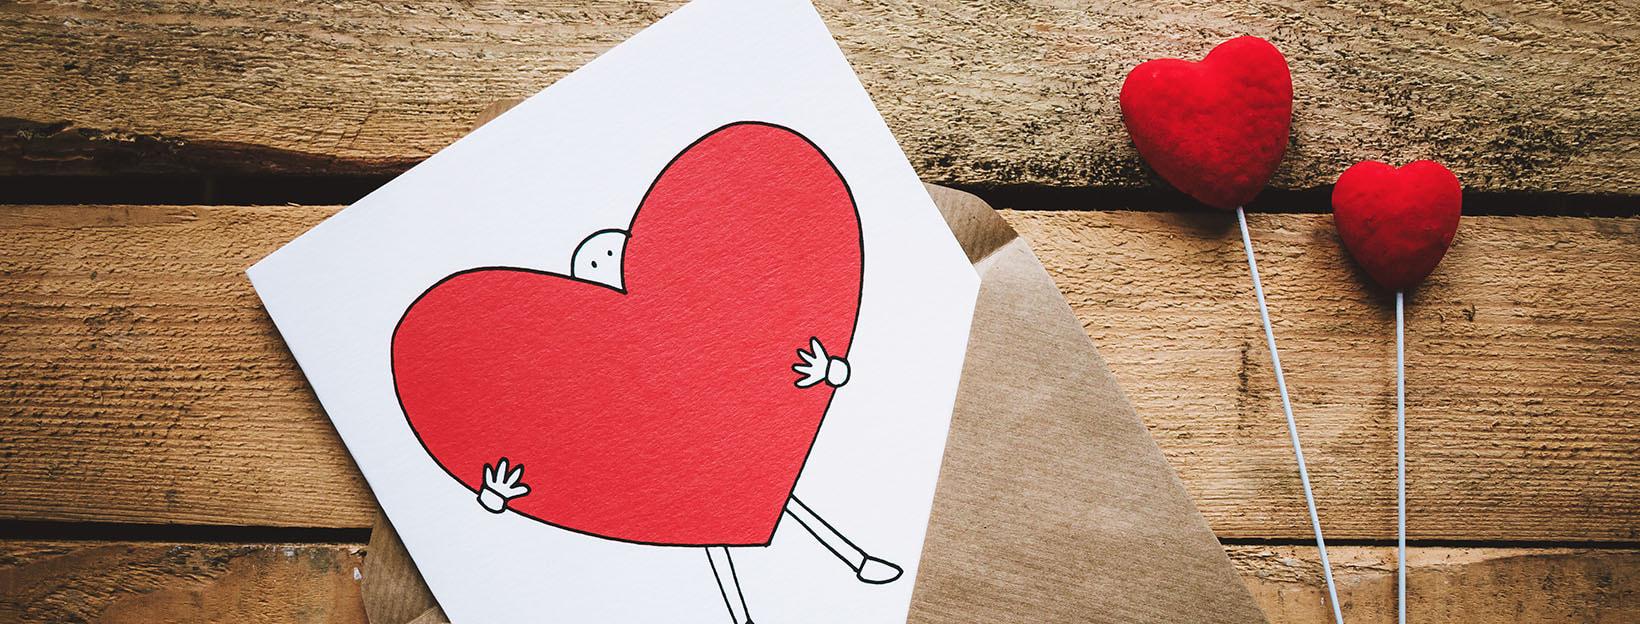 Glückwunschkarten zur Hochzeit und mehr selbst gestalten